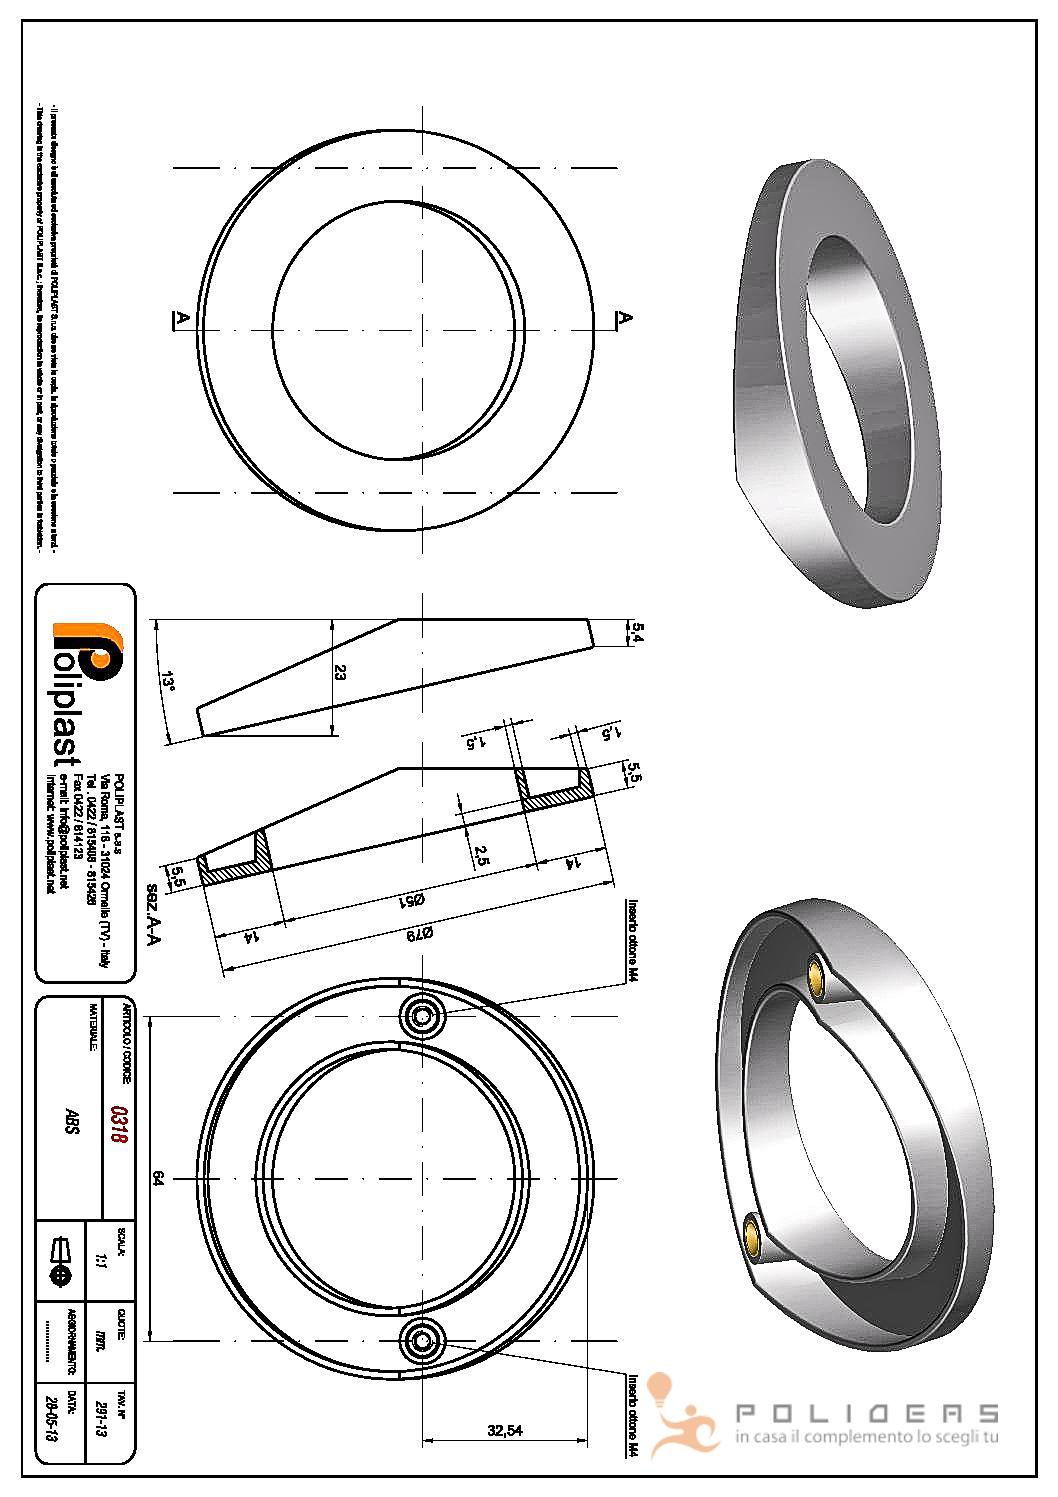 maniglia mobile pdf